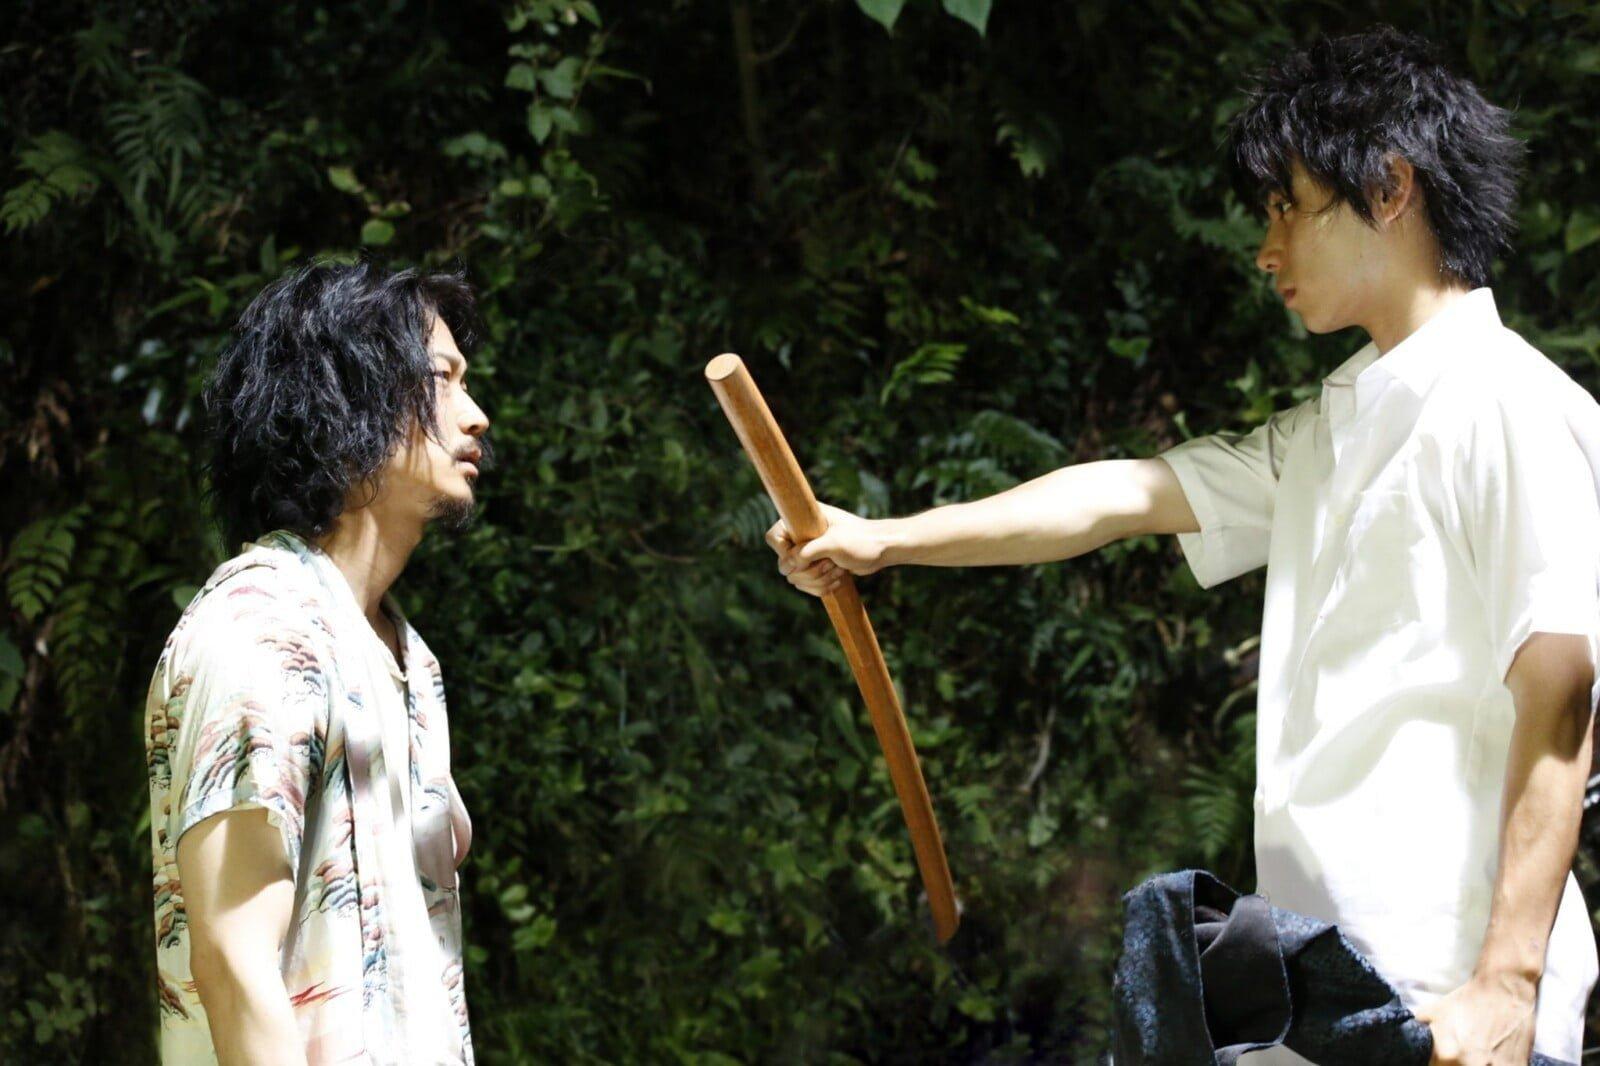 綾野剛はまるでアスリート!?村上虹郎が語るライバルとは?映画『武曲 MUKOKU』完成披露試写会